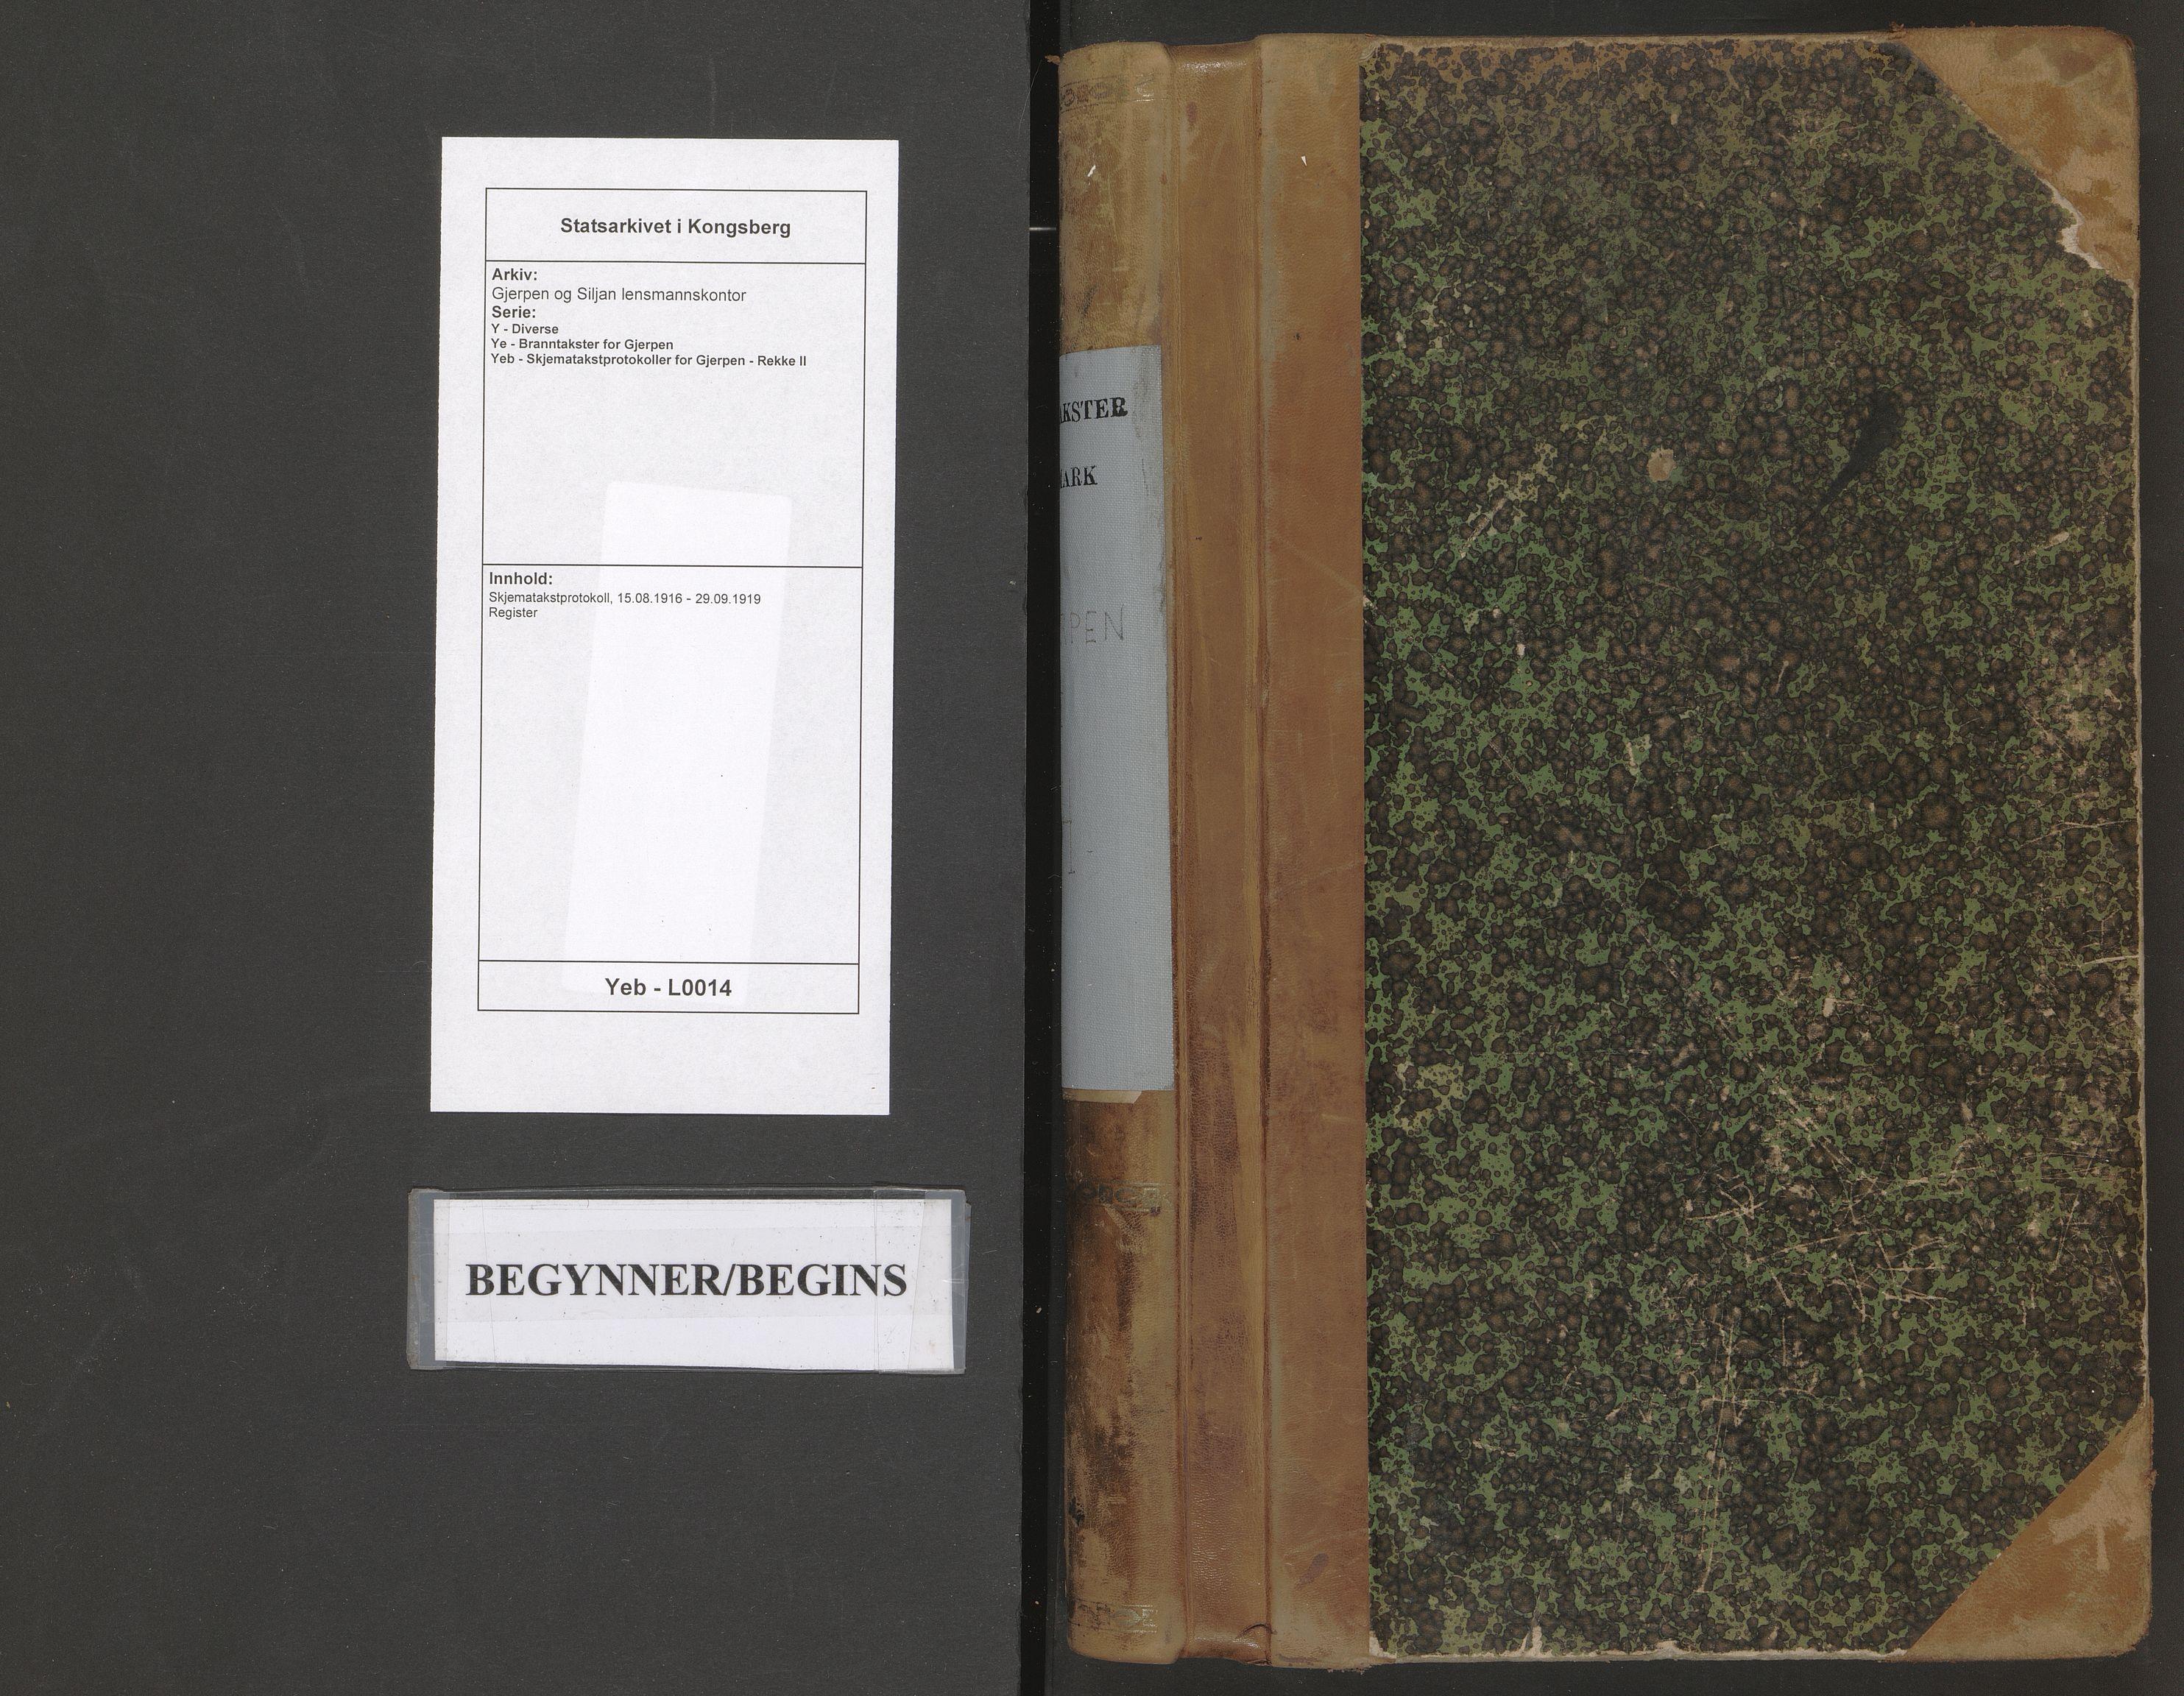 SAKO, Gjerpen og Siljan lensmannskontor, Y/Ye/Yeb/L0014: Skjematakstprotokoll, 1916-1919